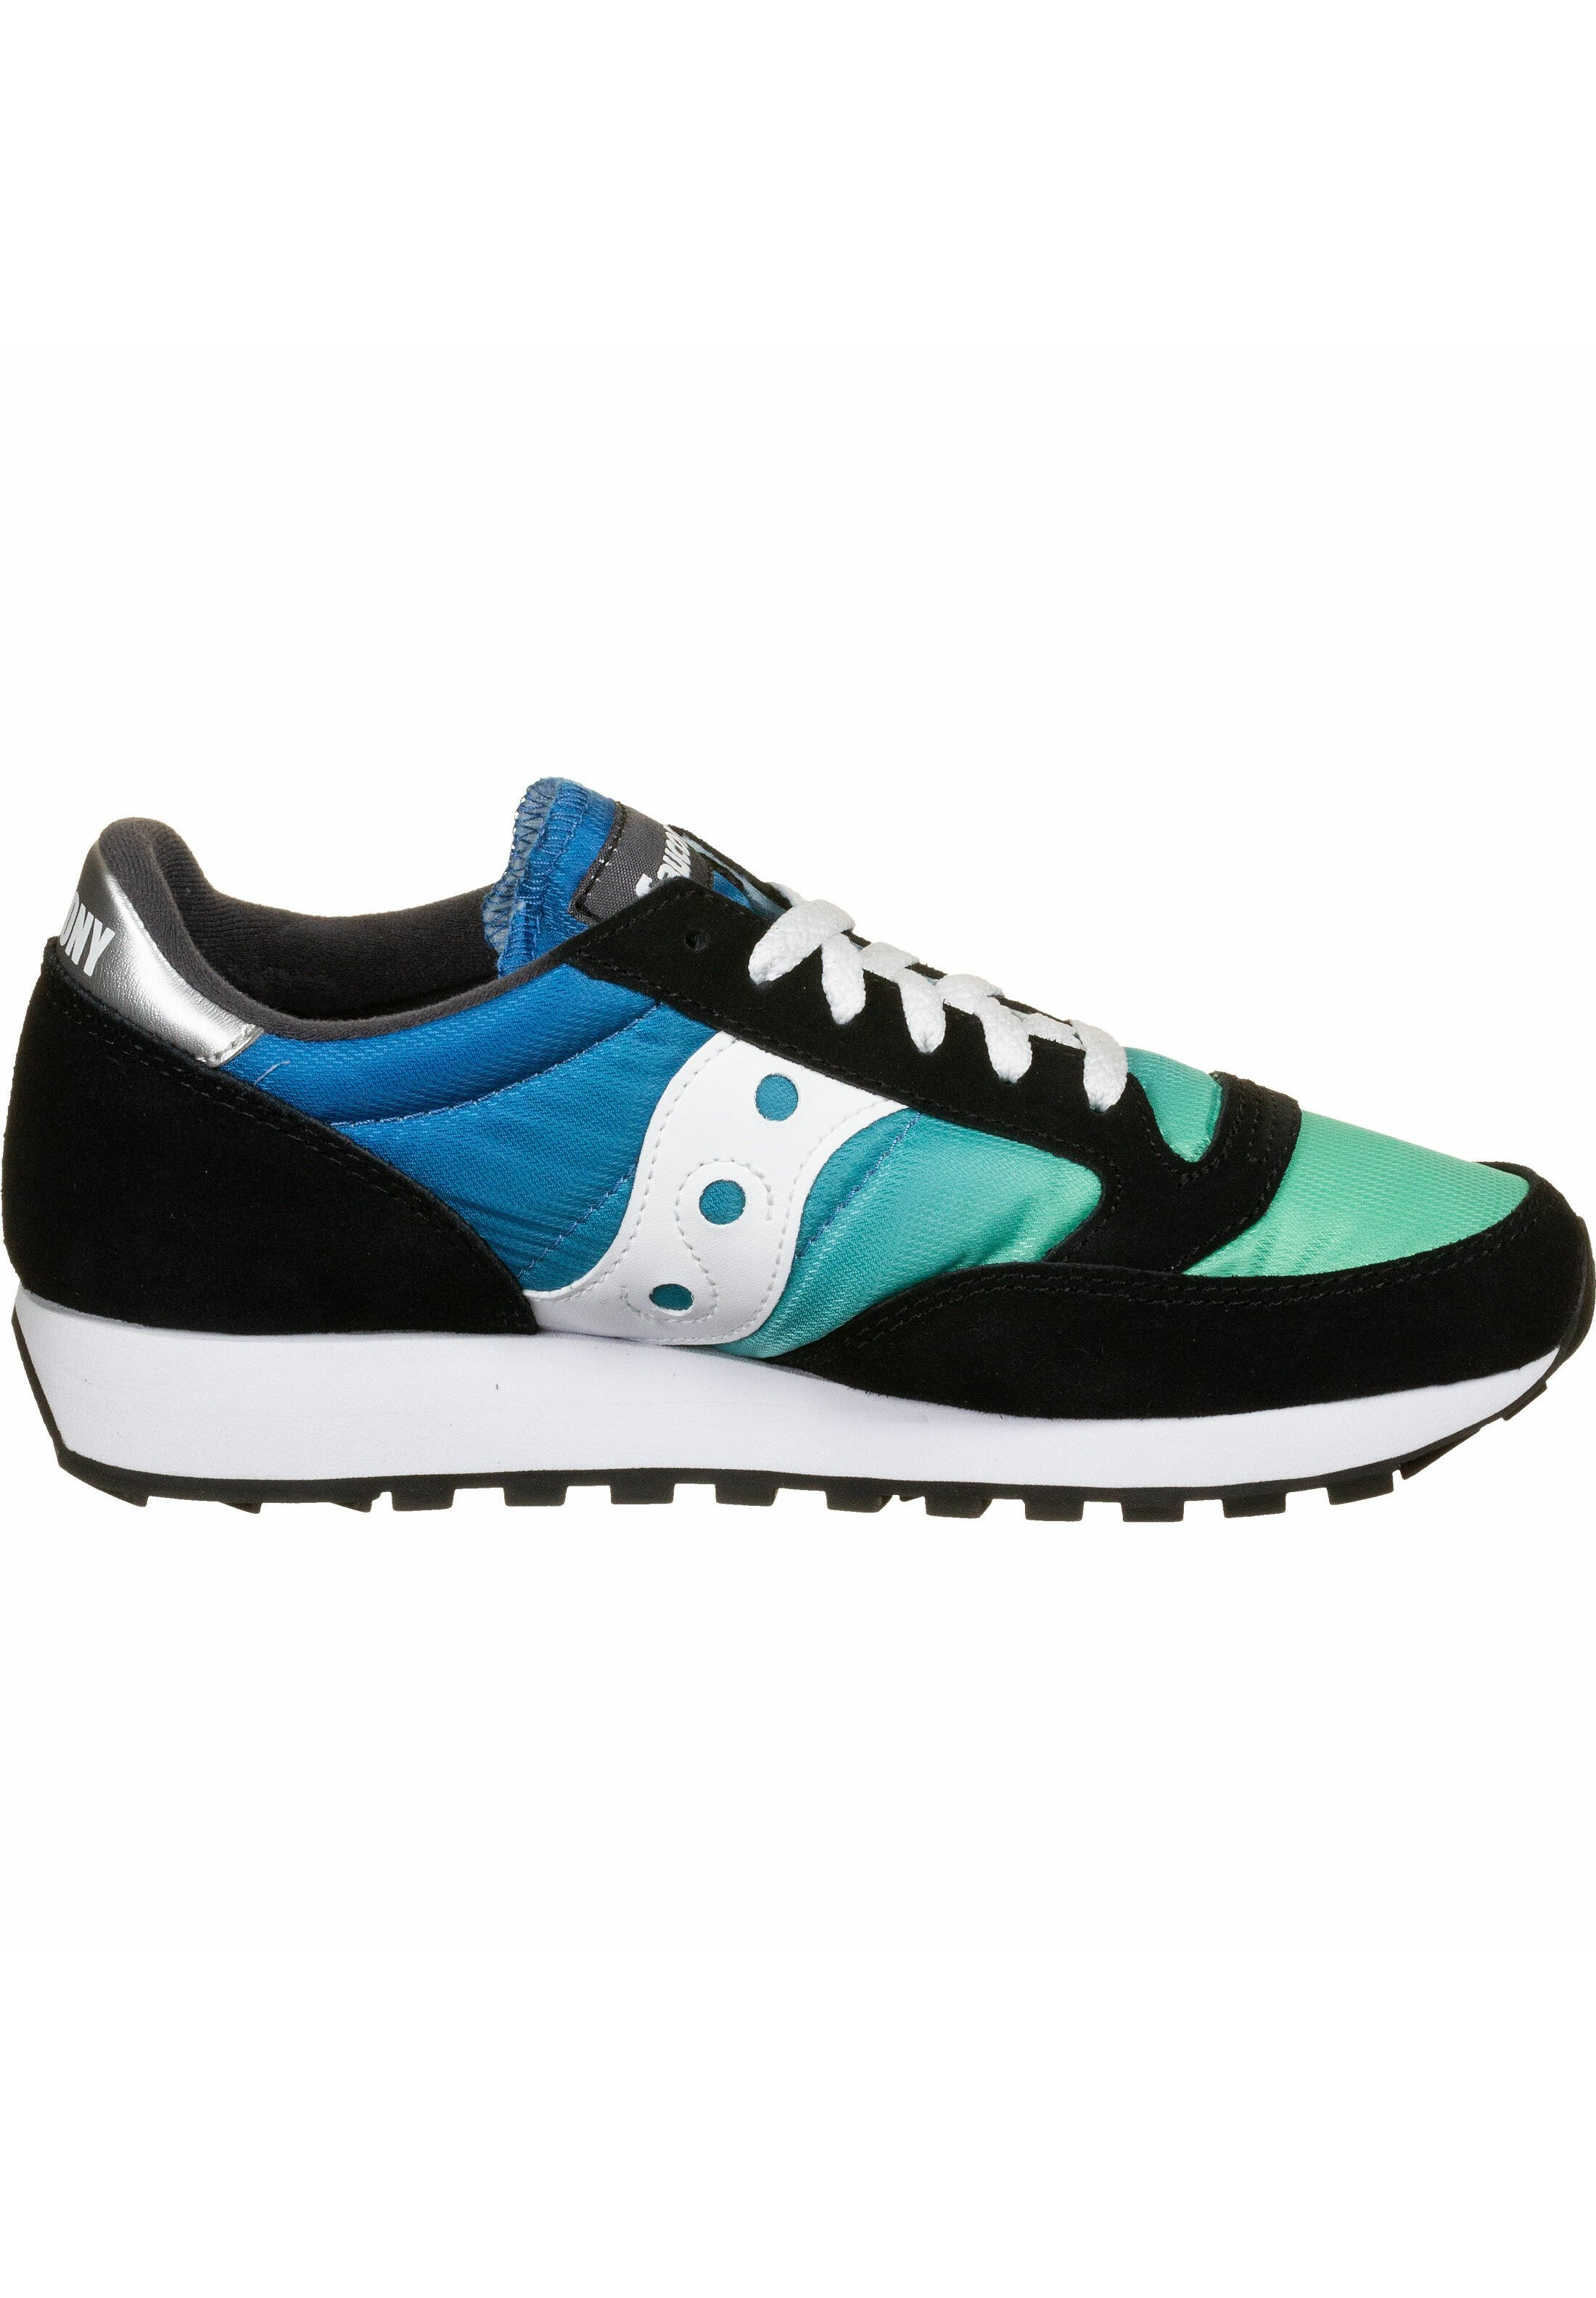 Saucony Schuhe Jazz - Sneakers Laag Black/blue/green Goedkope Schoenen